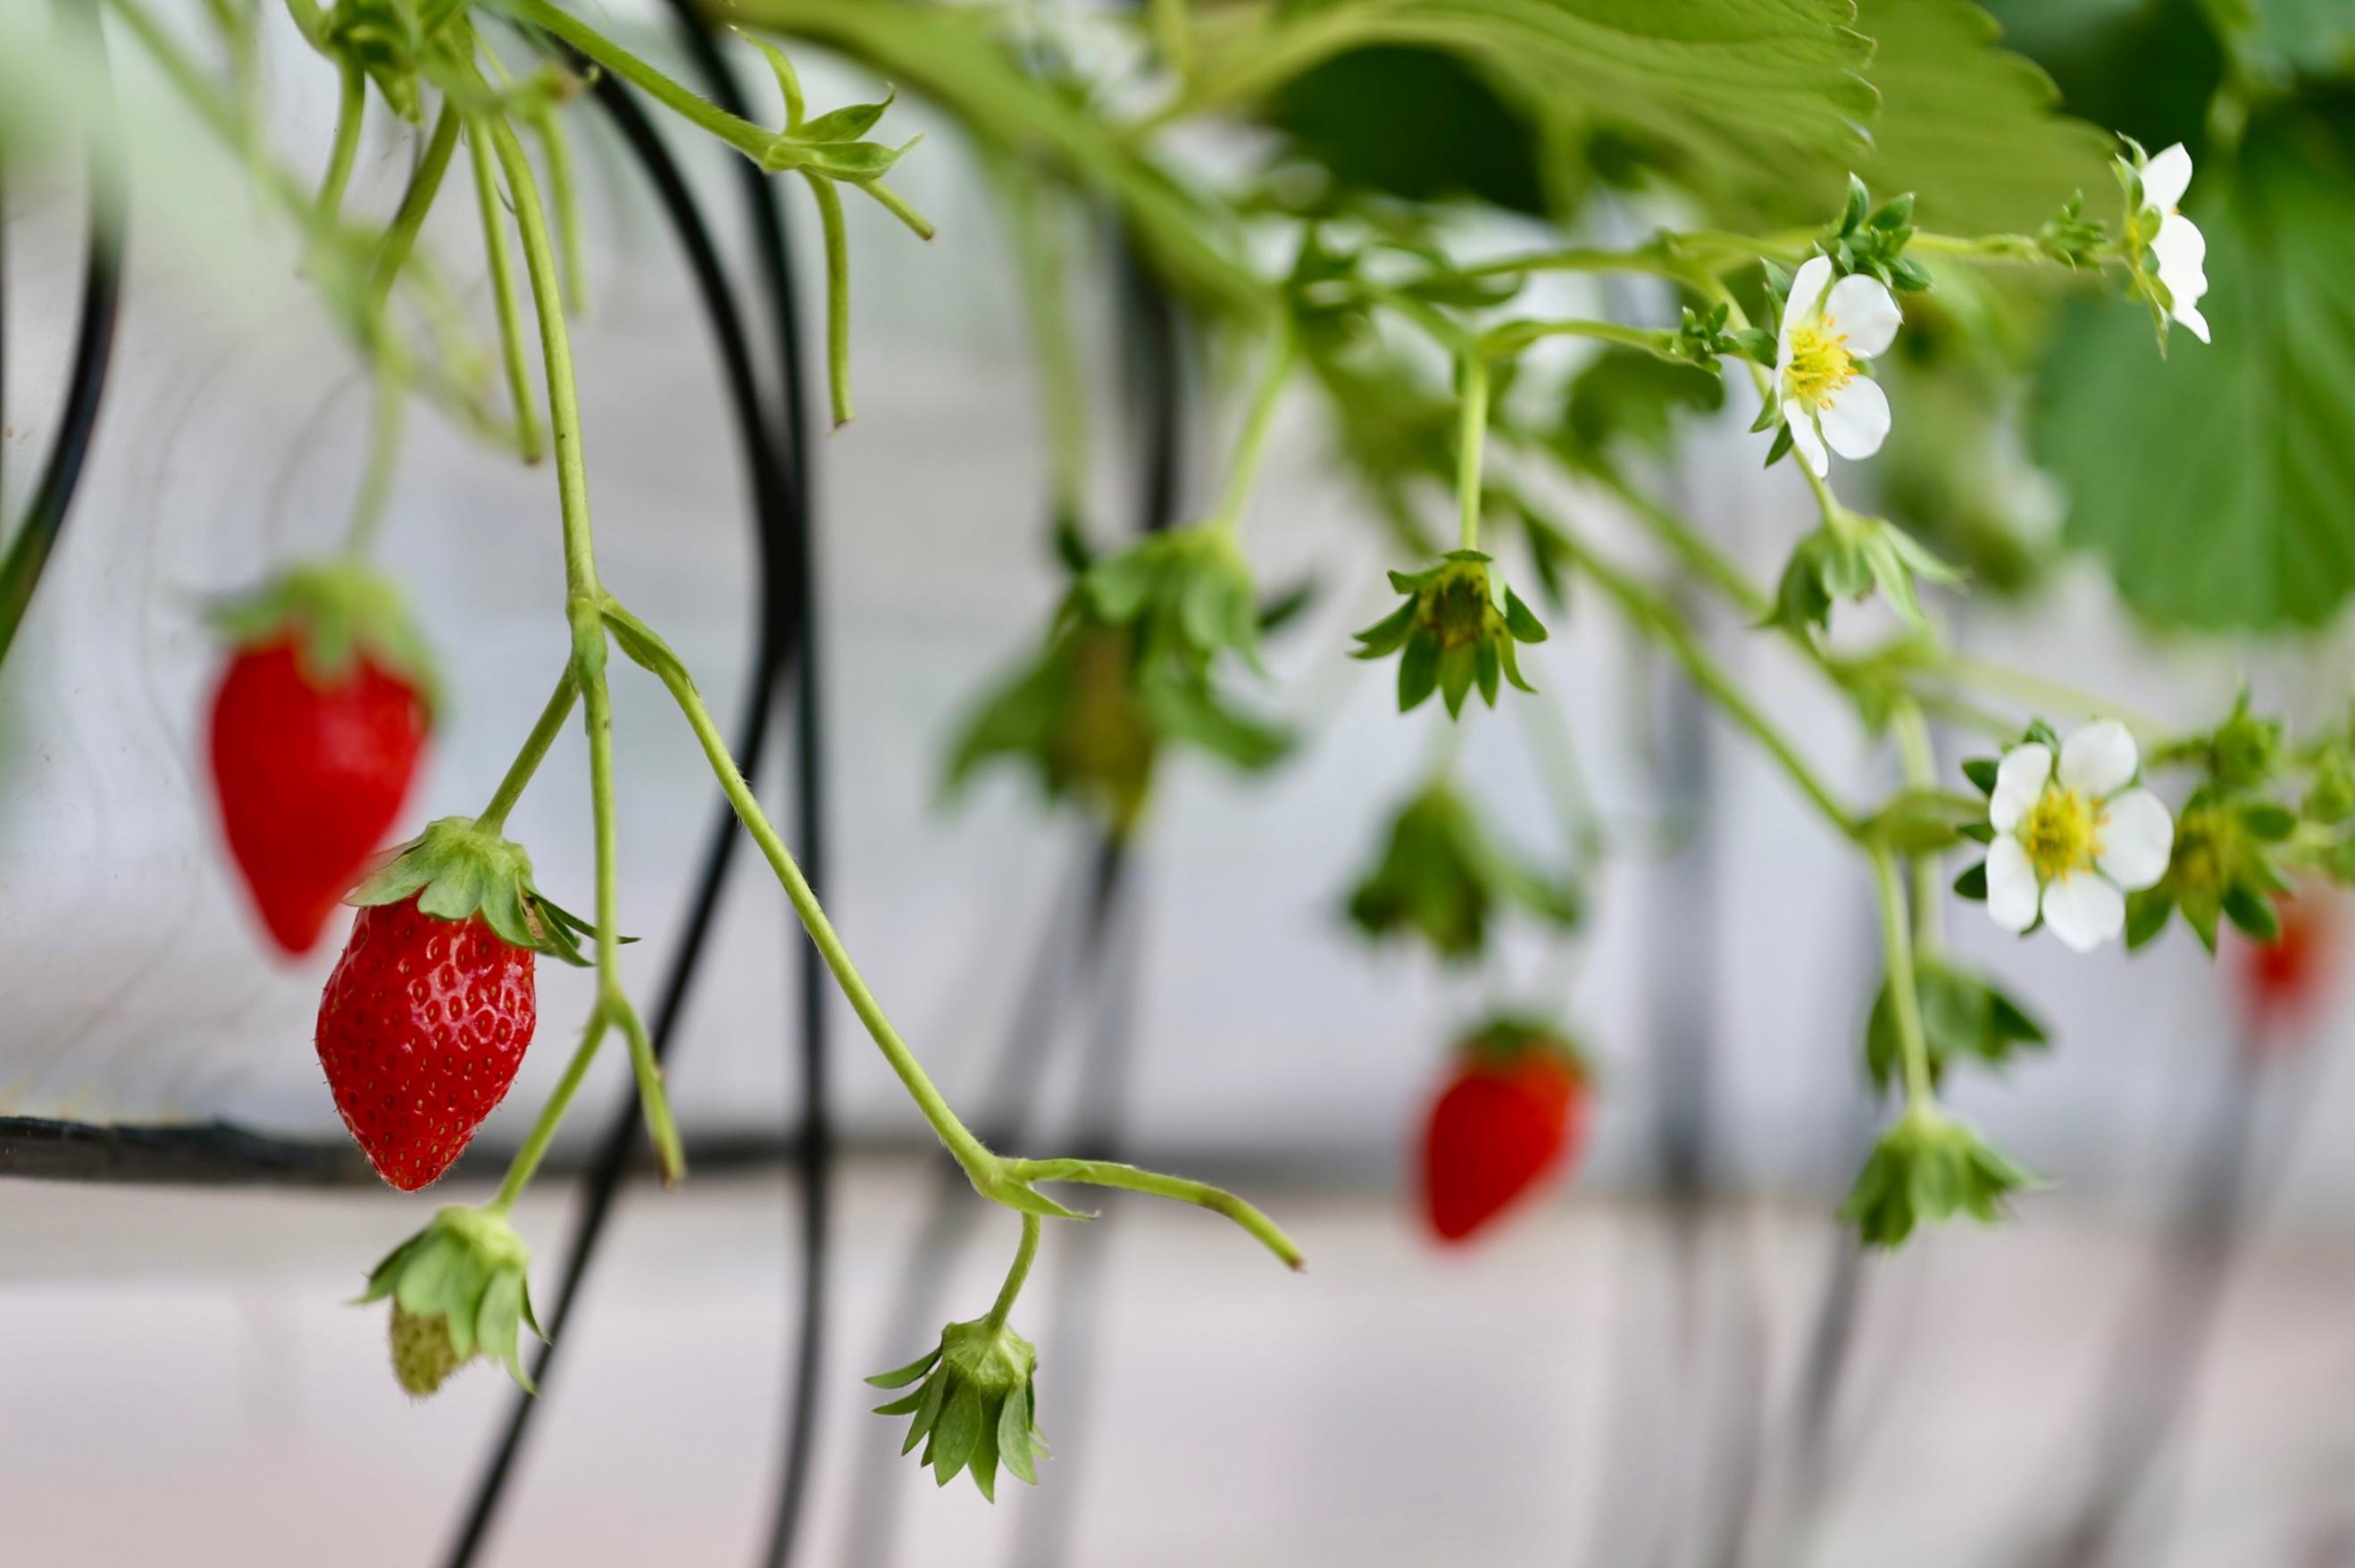 首届草莓AI种植比赛 人工智能队领先顶尖农人队